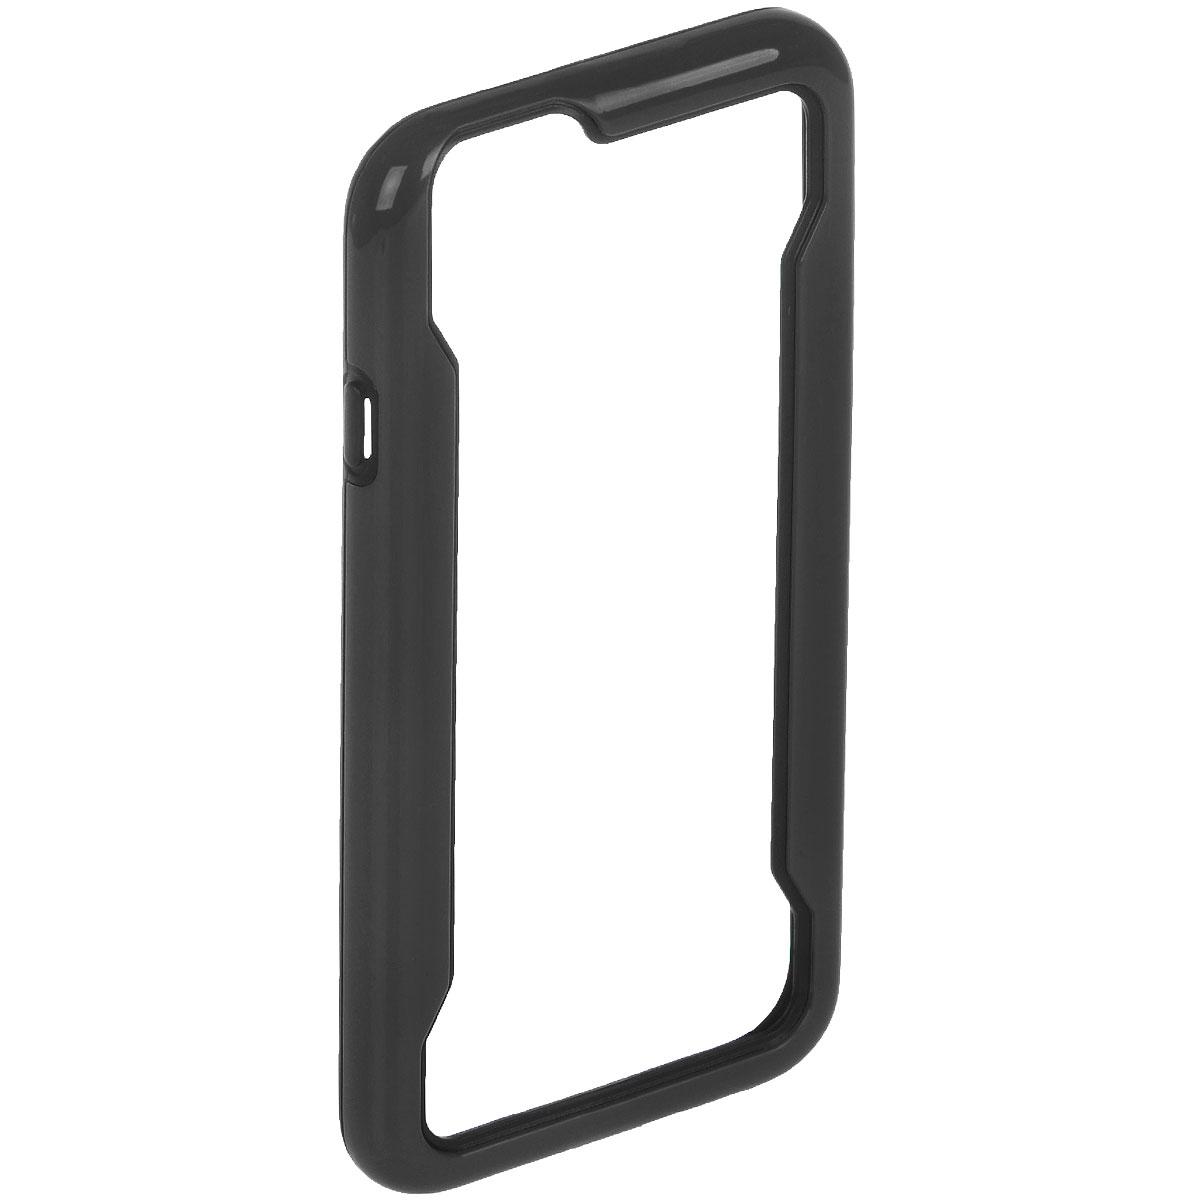 Liberty Project чехол-накладка для iPhone 6, BlackR0007953Защитная крышка Liberty Project служит защиты корпуса вашего смартфона от внешнего воздействия (пыль, влага, царапины). Модель доступна в различных цветах.